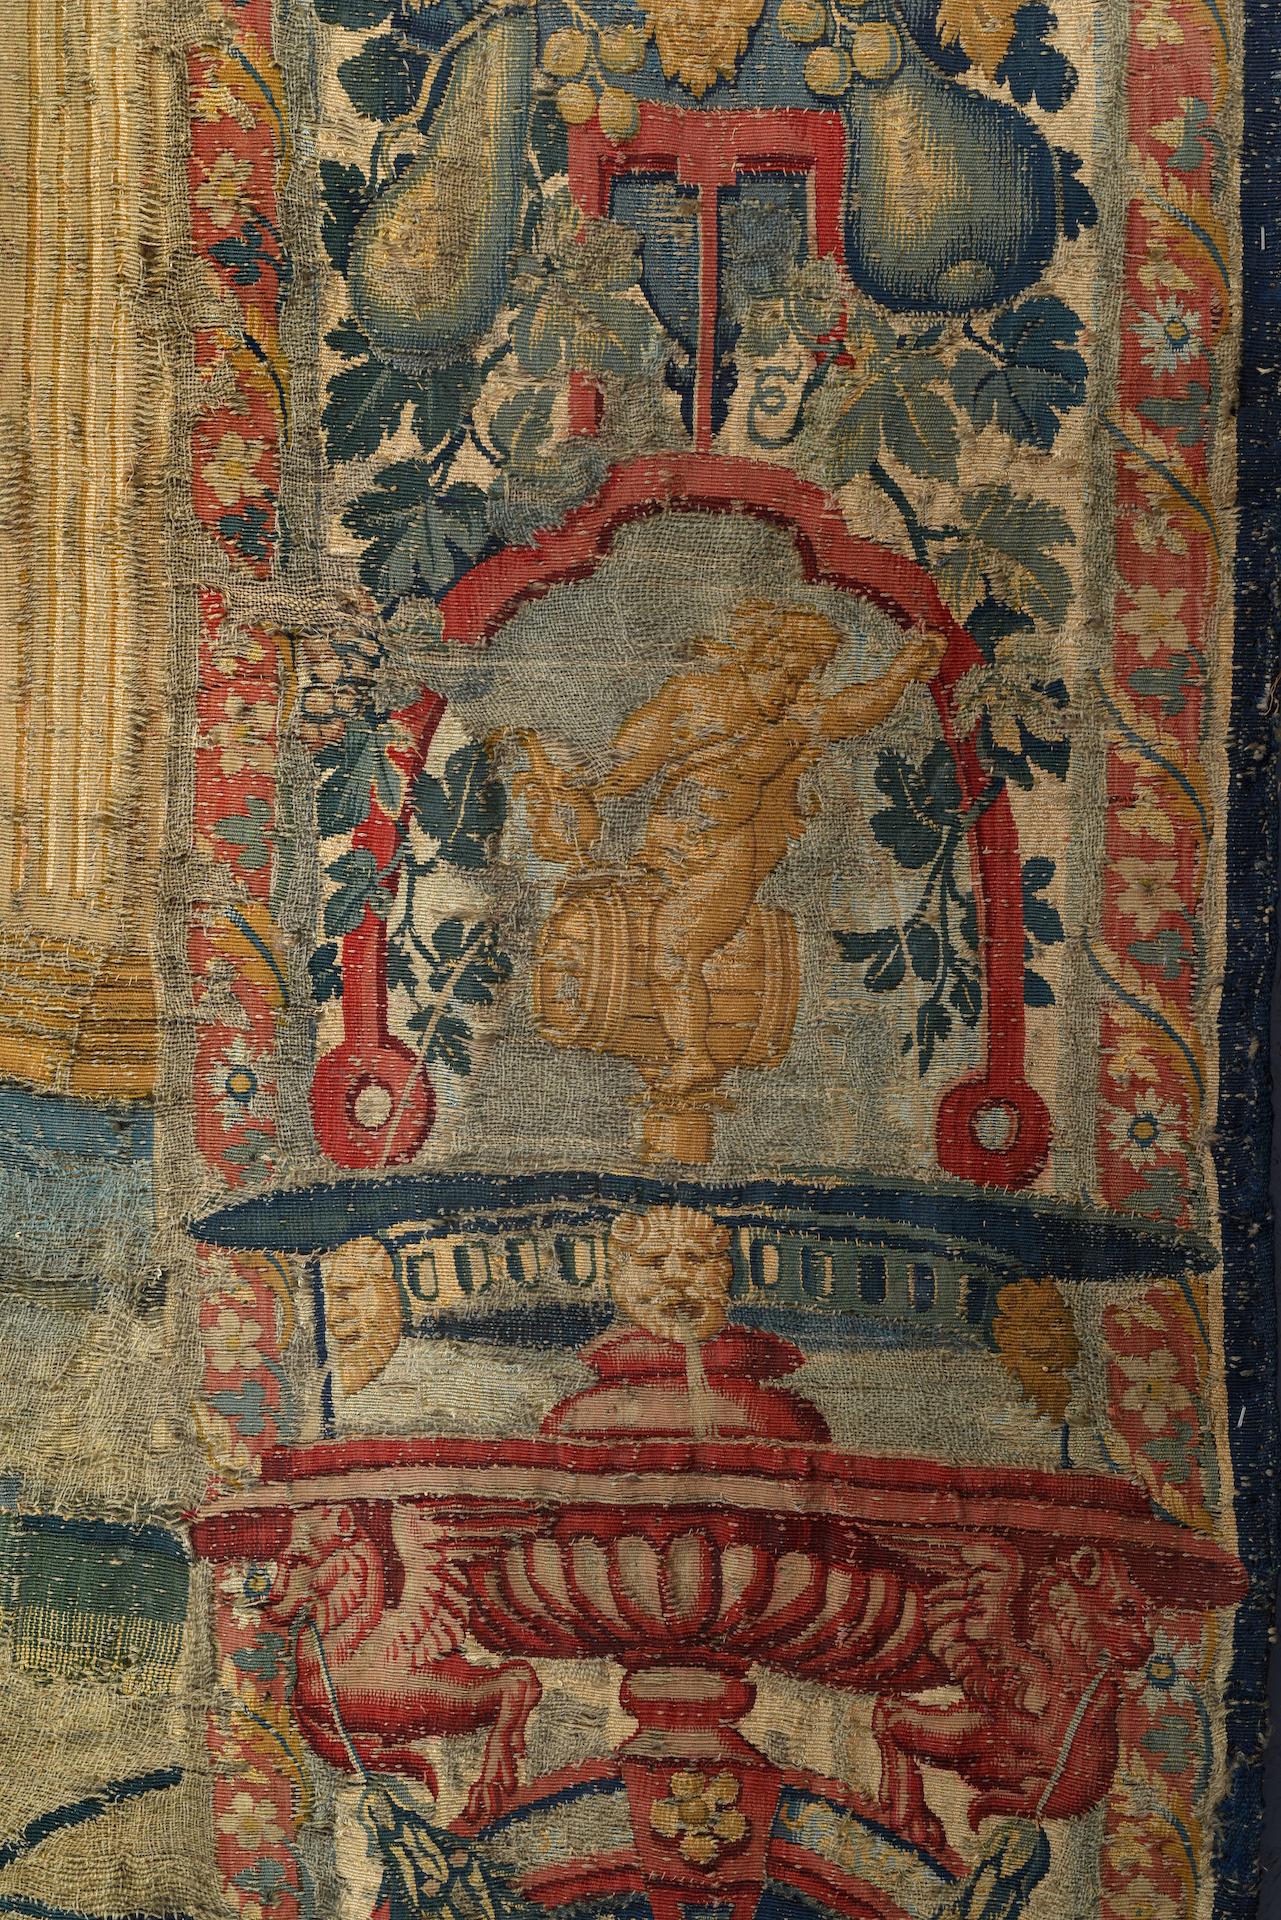 TAPISSERIE en laine et soie faisant partie d'une tenture de l'Histoire de Moïse. Au centre, Moïse, à - Image 3 of 4